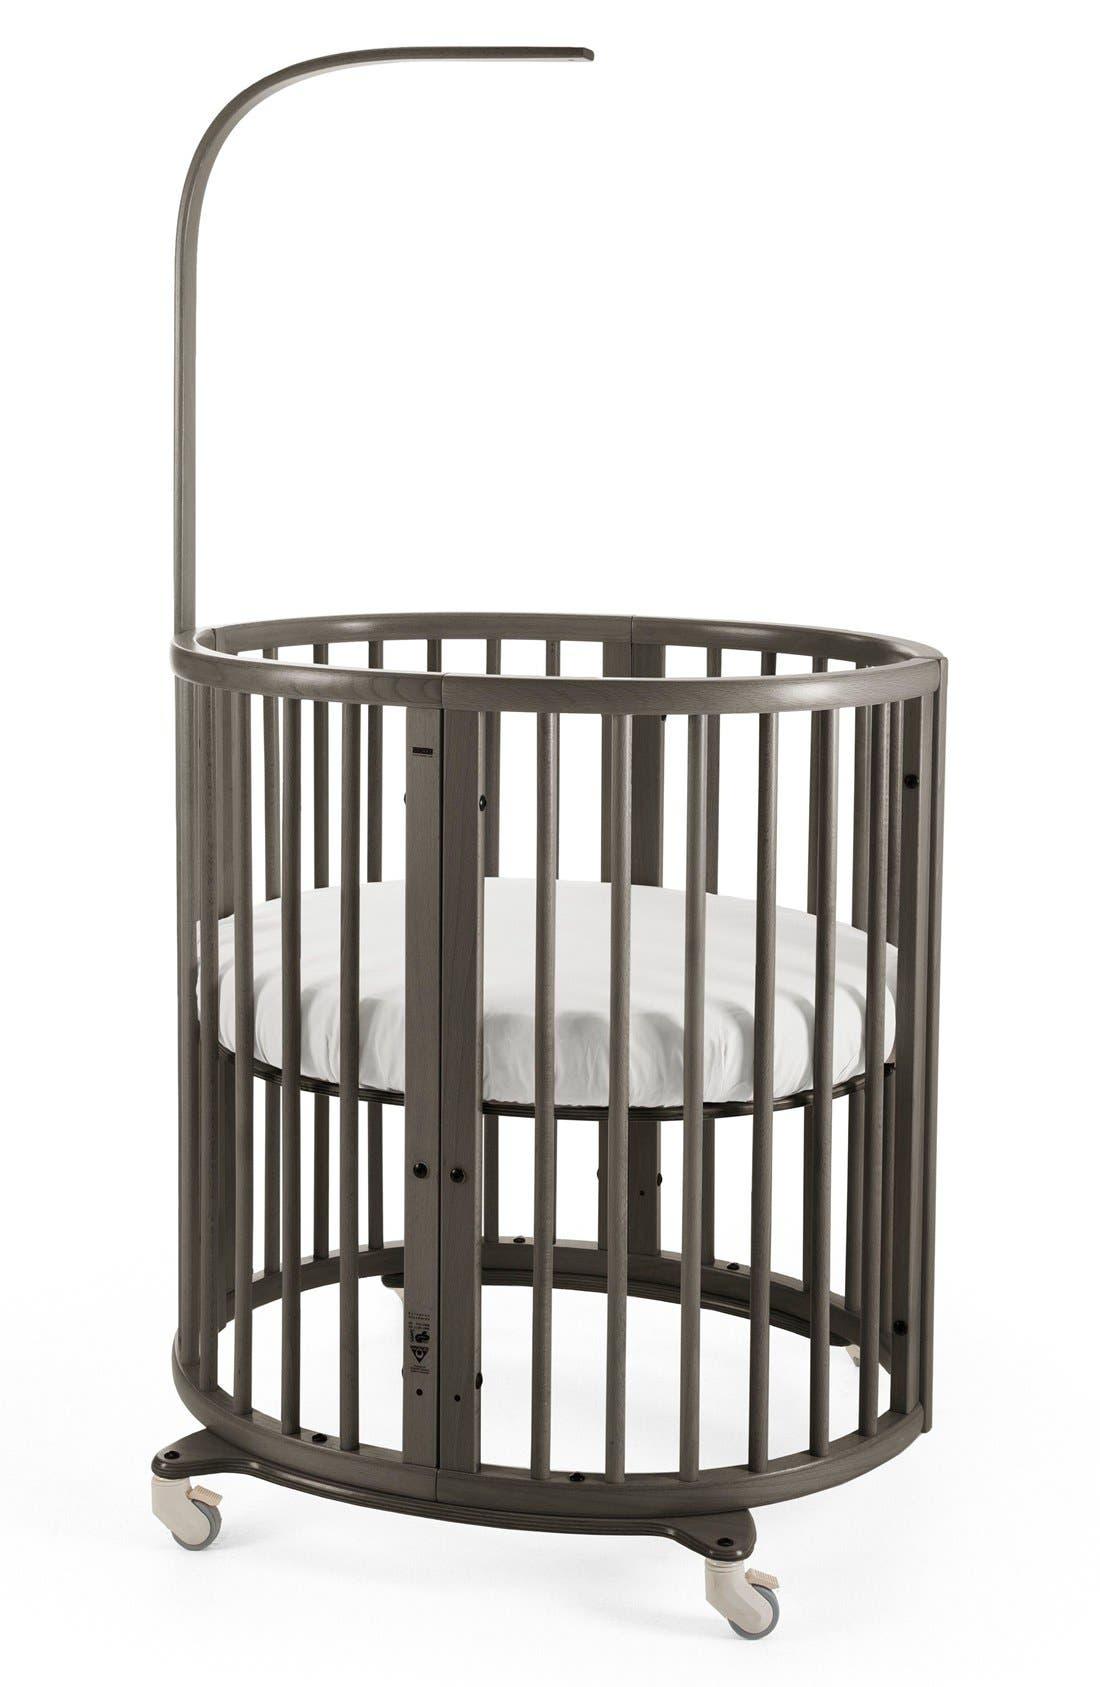 STOKKE, Sleepi Mini Crib, Drape Rod & Mattress Bundle, Main thumbnail 1, color, 030